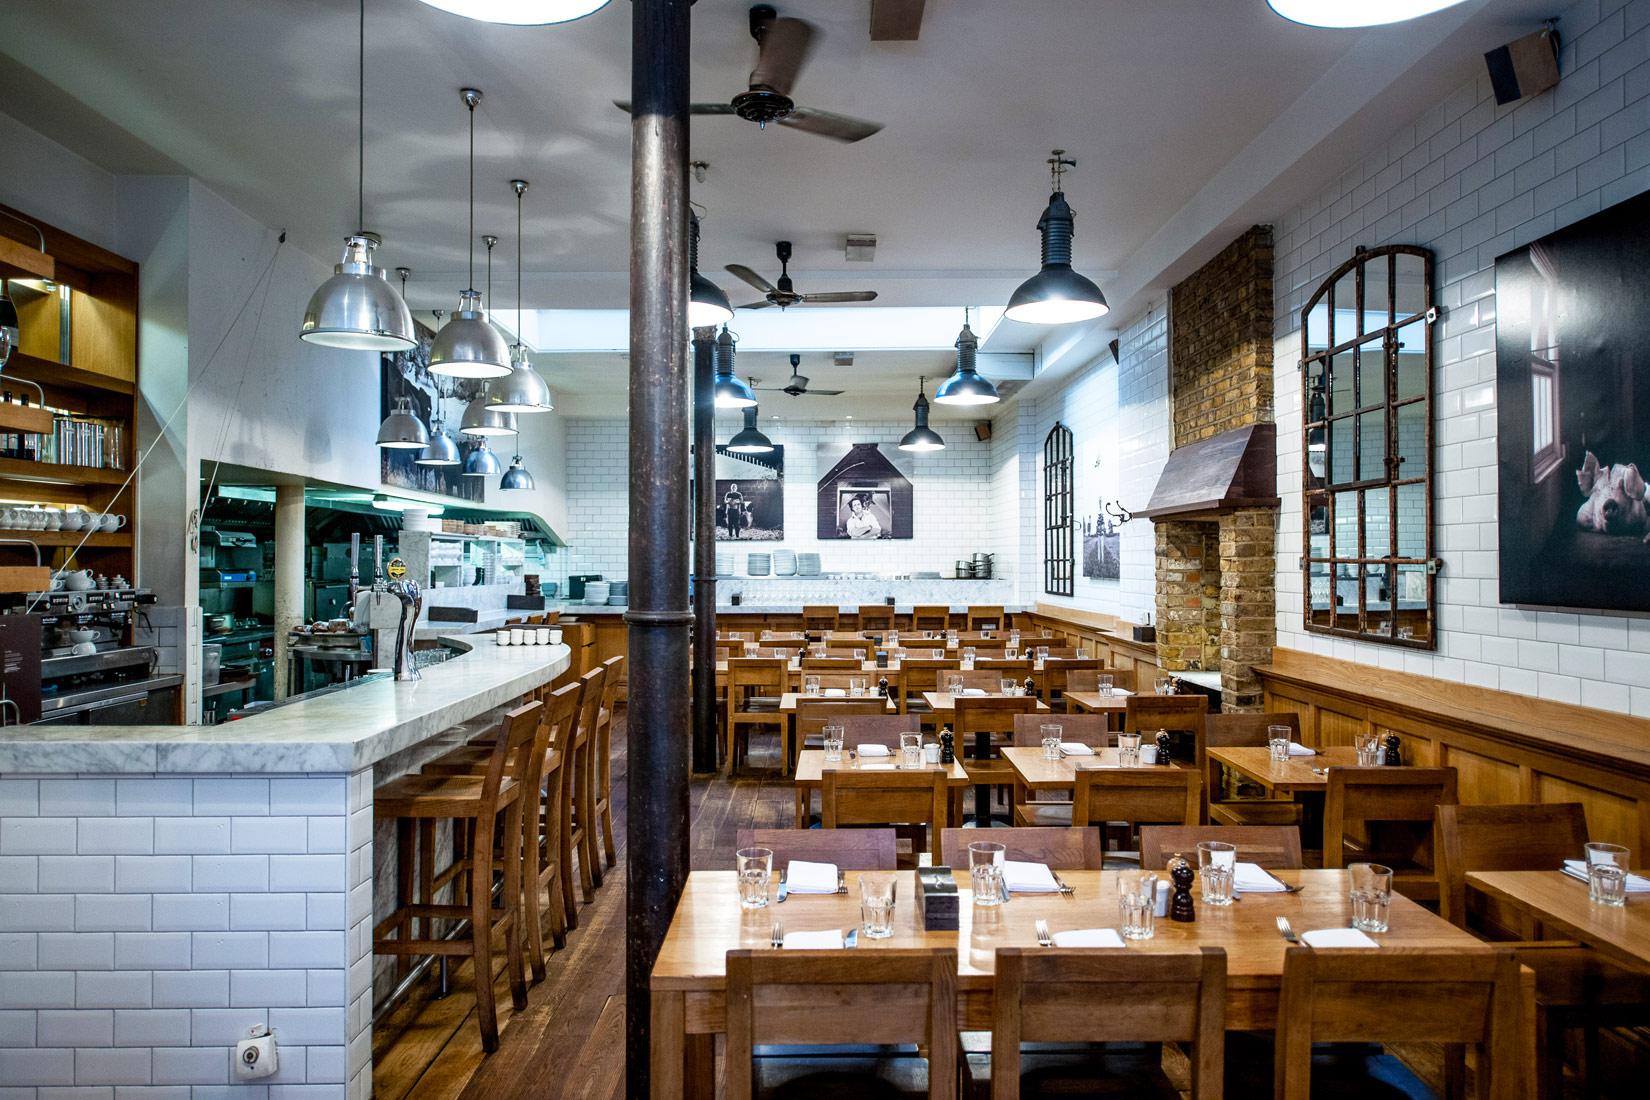 Tom S Kitchen Chelsea Menu